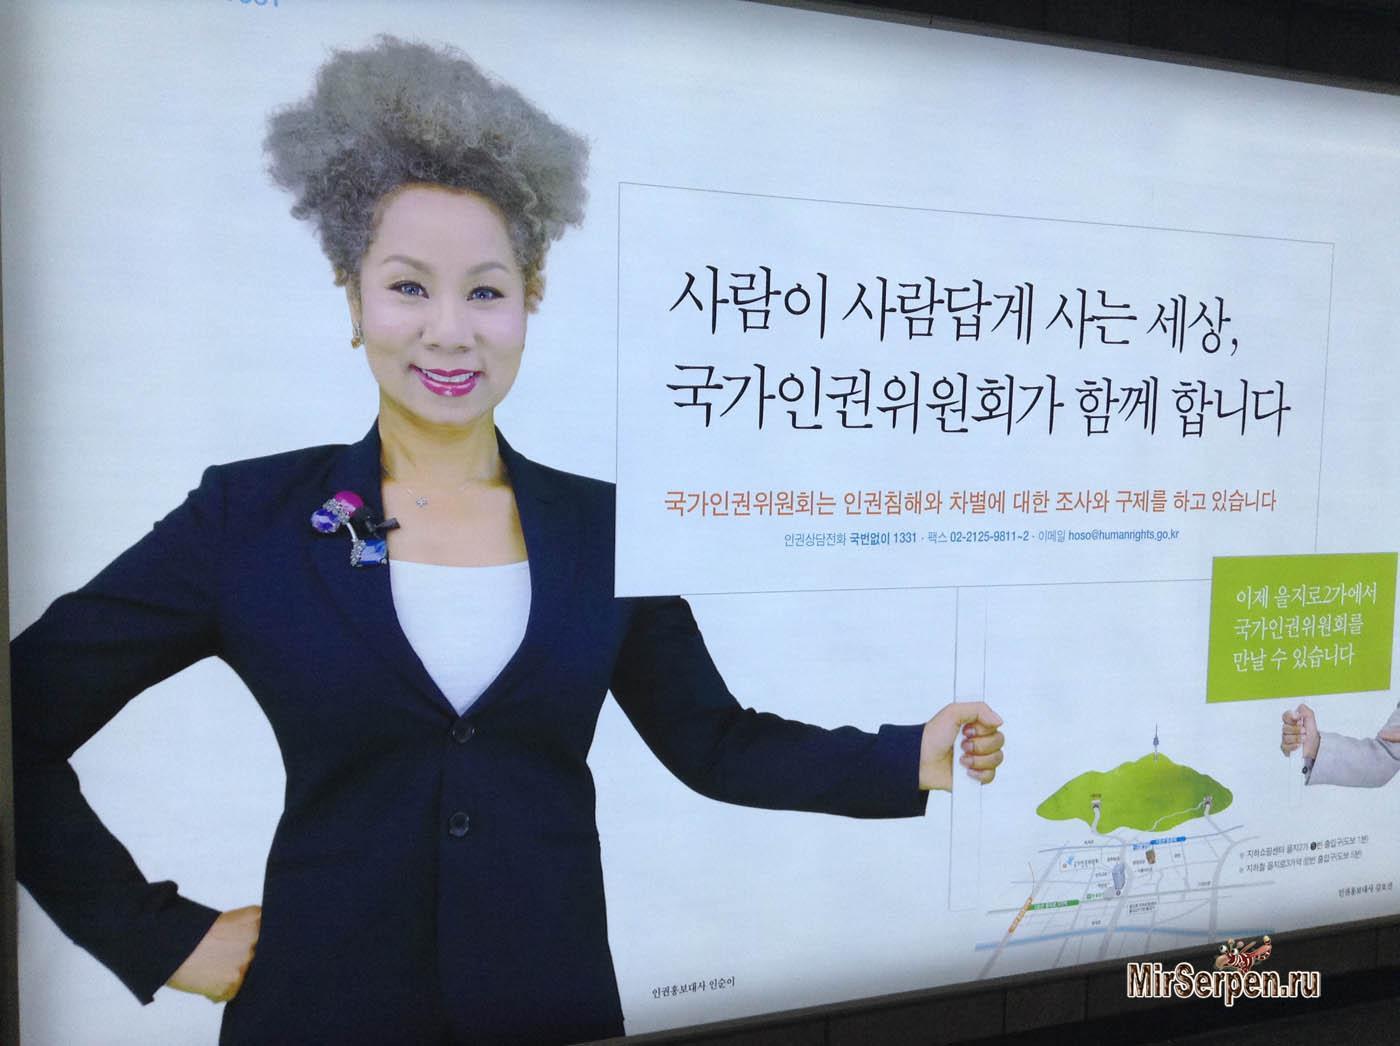 О длине волос кореянок и счастье в браке